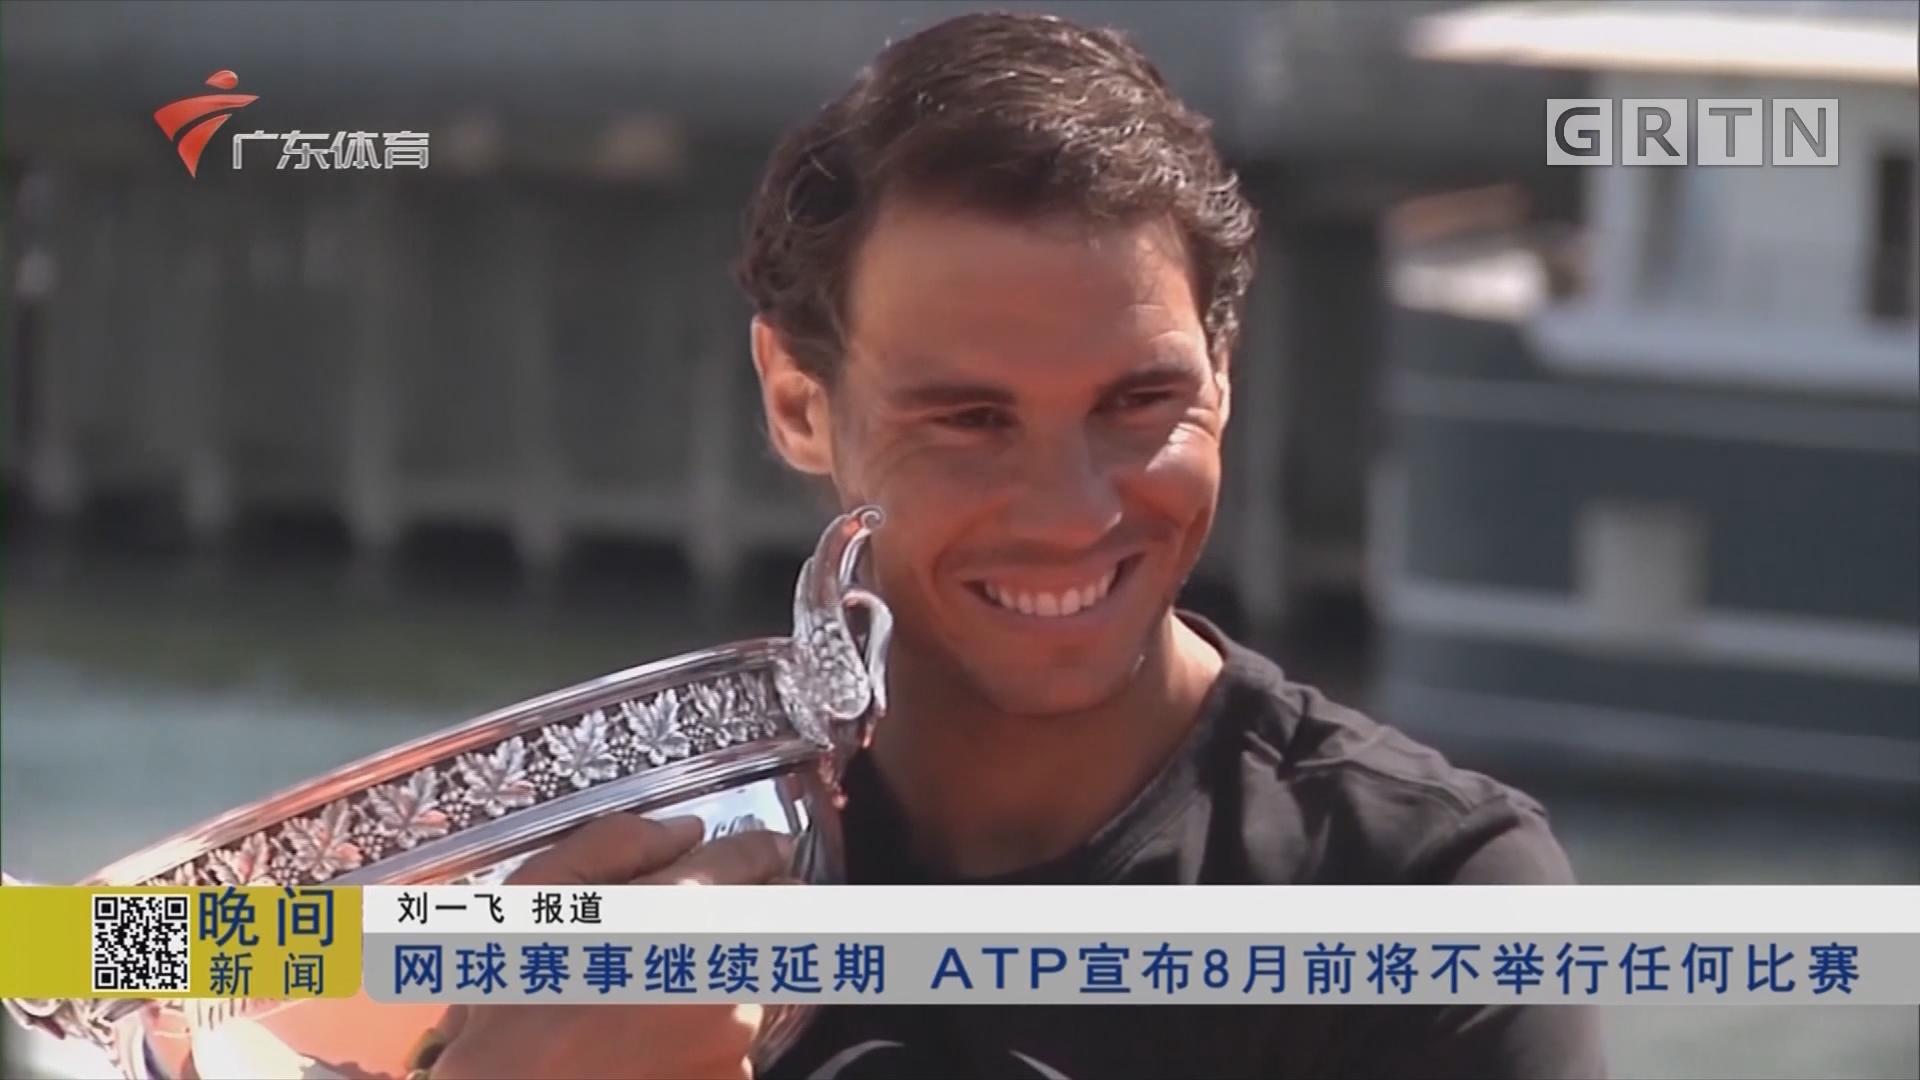 网球赛事继续延期 ATP宣布8月前将不举行任何比赛